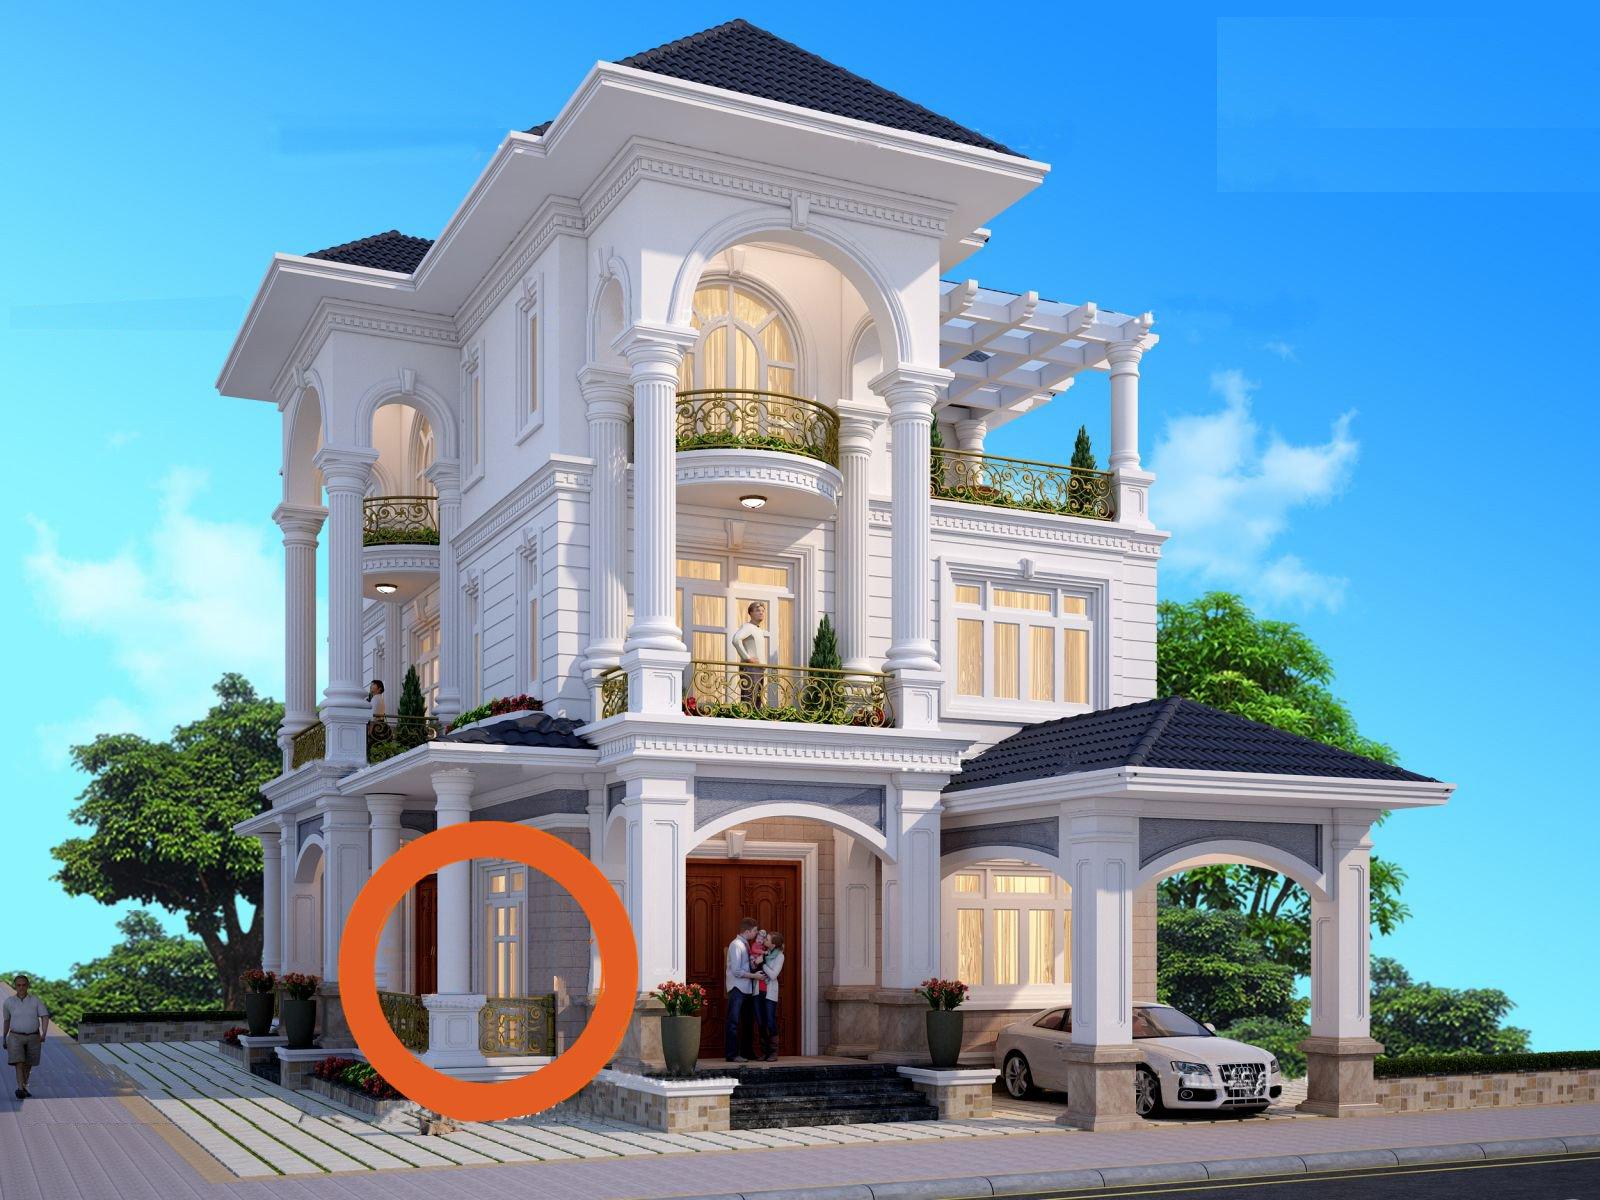 Thiết kế nhà biệt thự đẹp 3 tầng tại Quảng Ninh